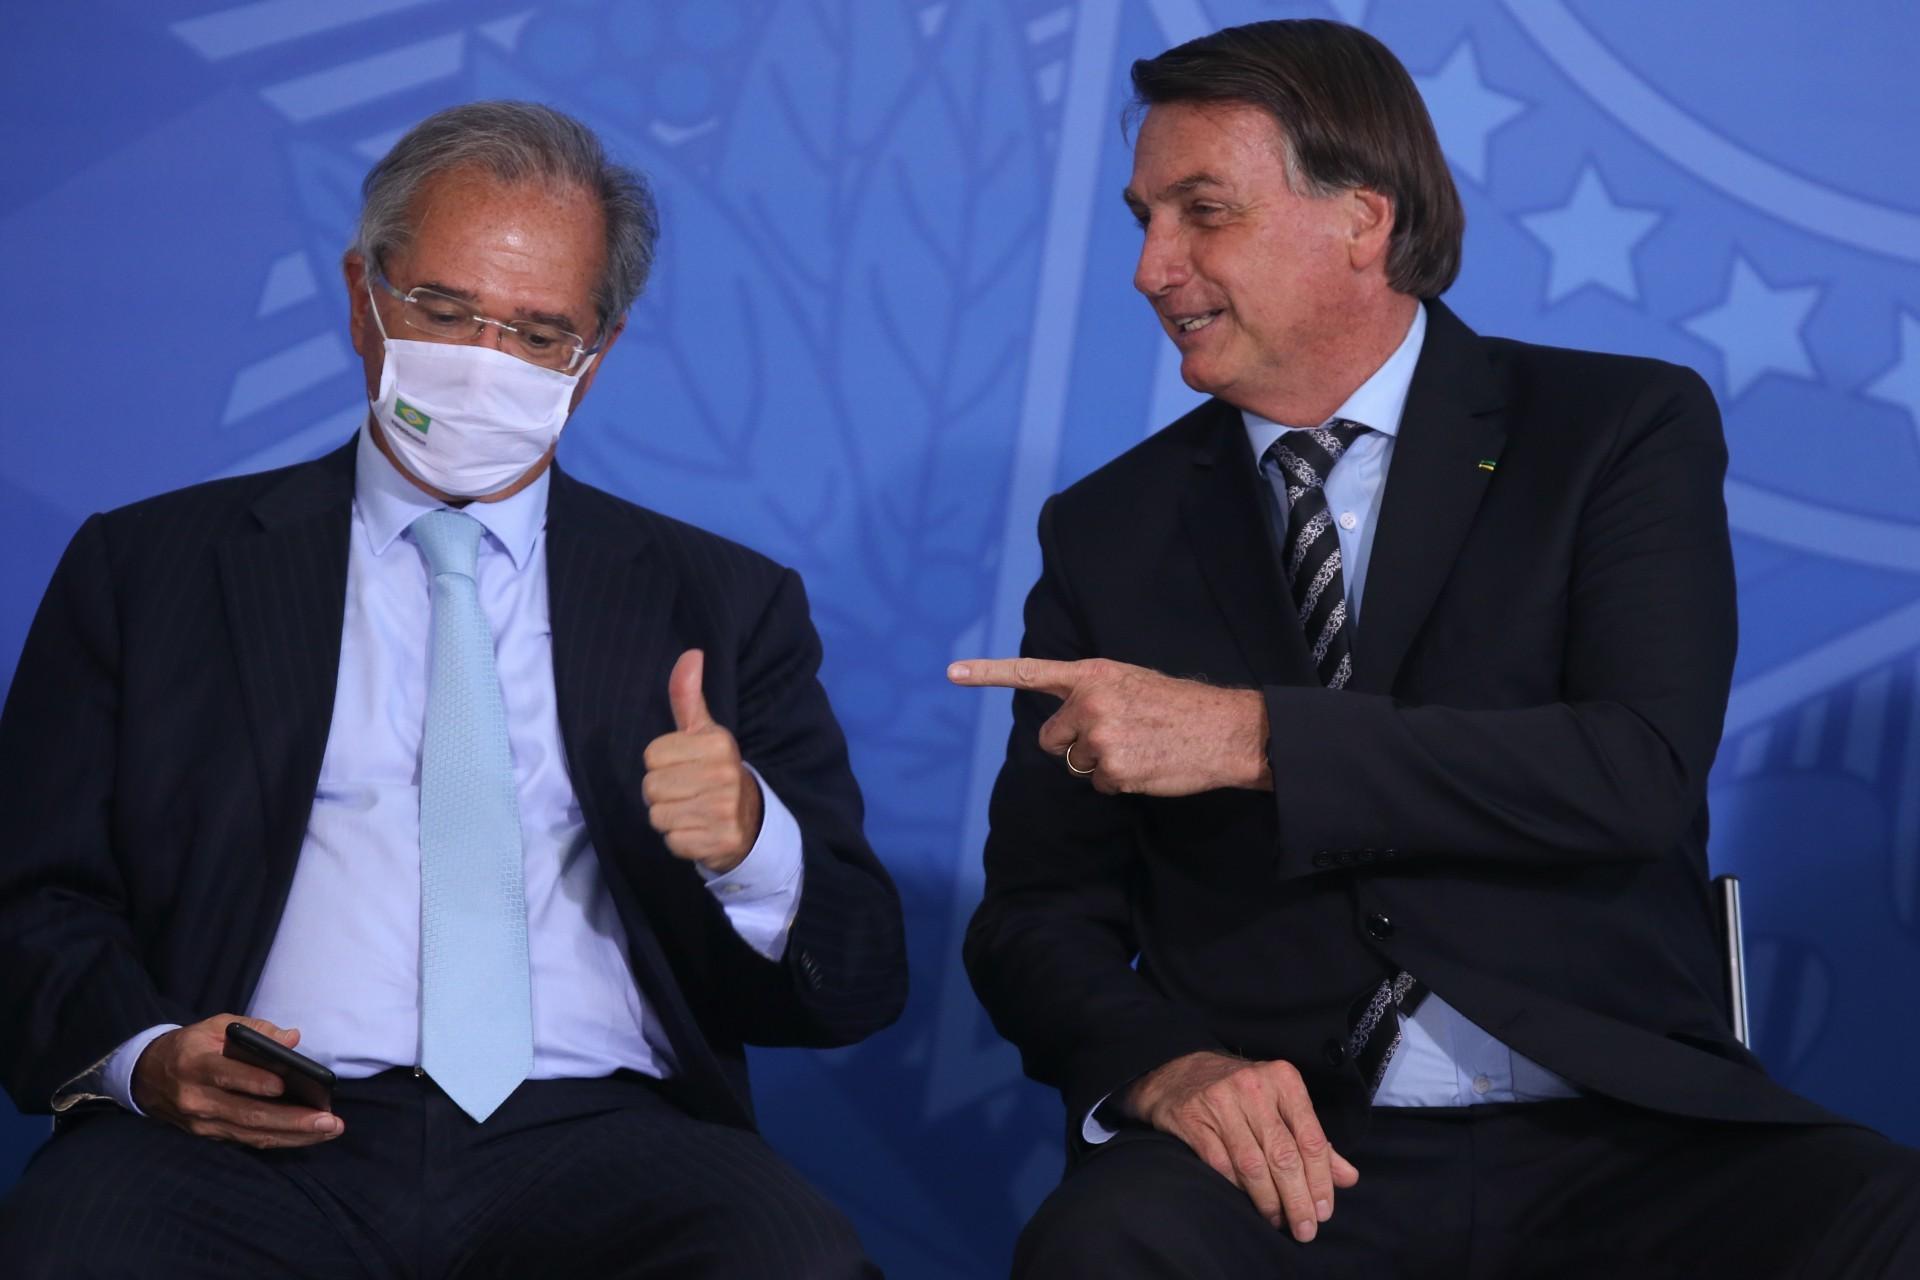 Paulo Guedes e Jair Bolsonaro durante o lançamento dos programas Codex e SUPER.BR em 2020 (Foto: Fábio Rodrigues Pozzebom/Agência Brasil)